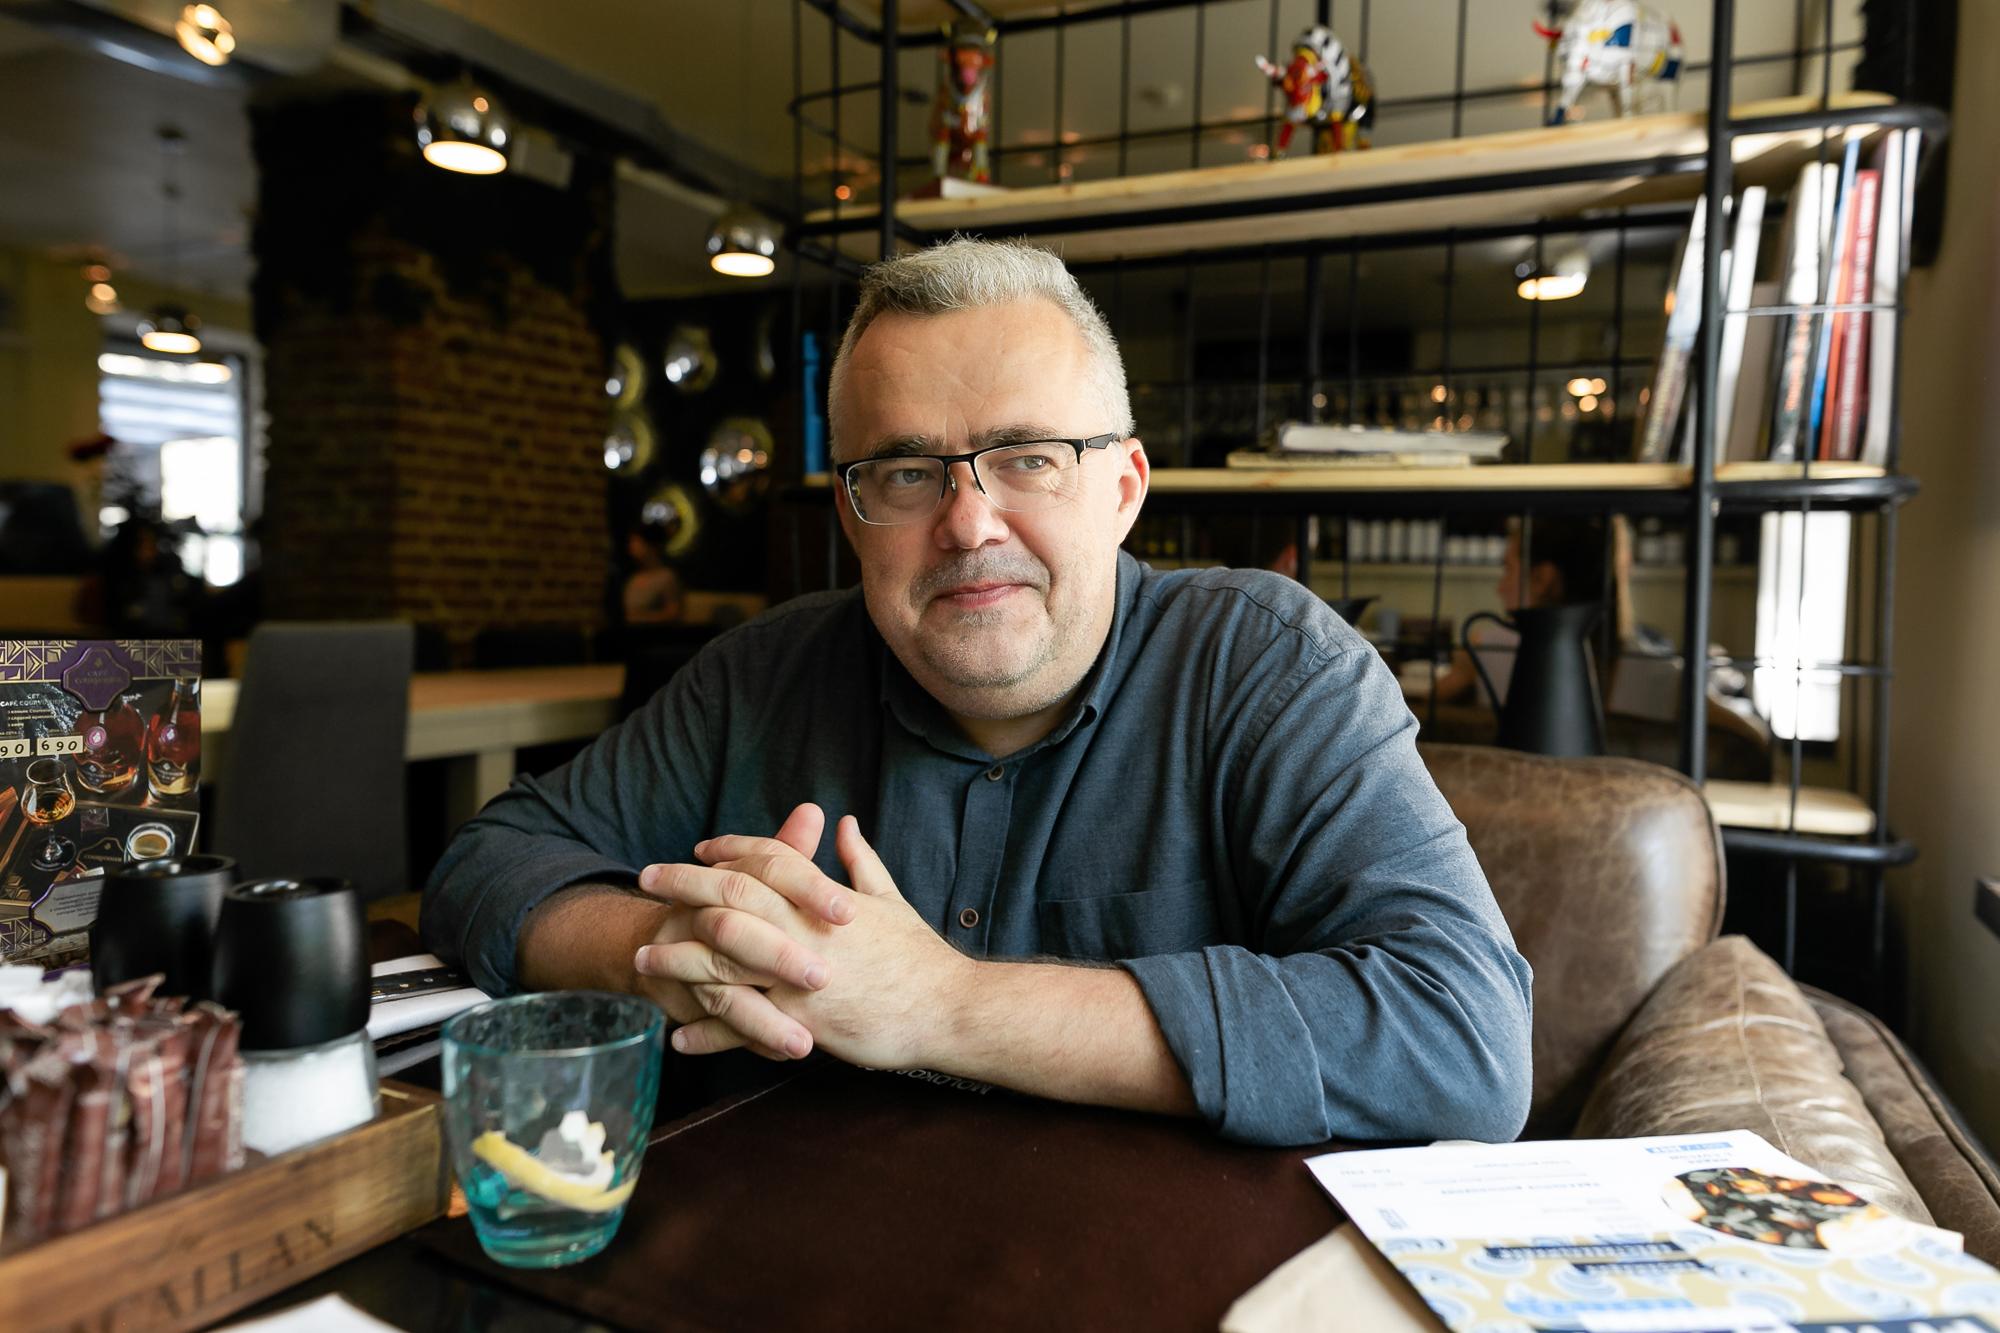 Журналист Юрий Сапрыкин: «Каждый из представителей нынешнего поколения — сам себе субкультура»